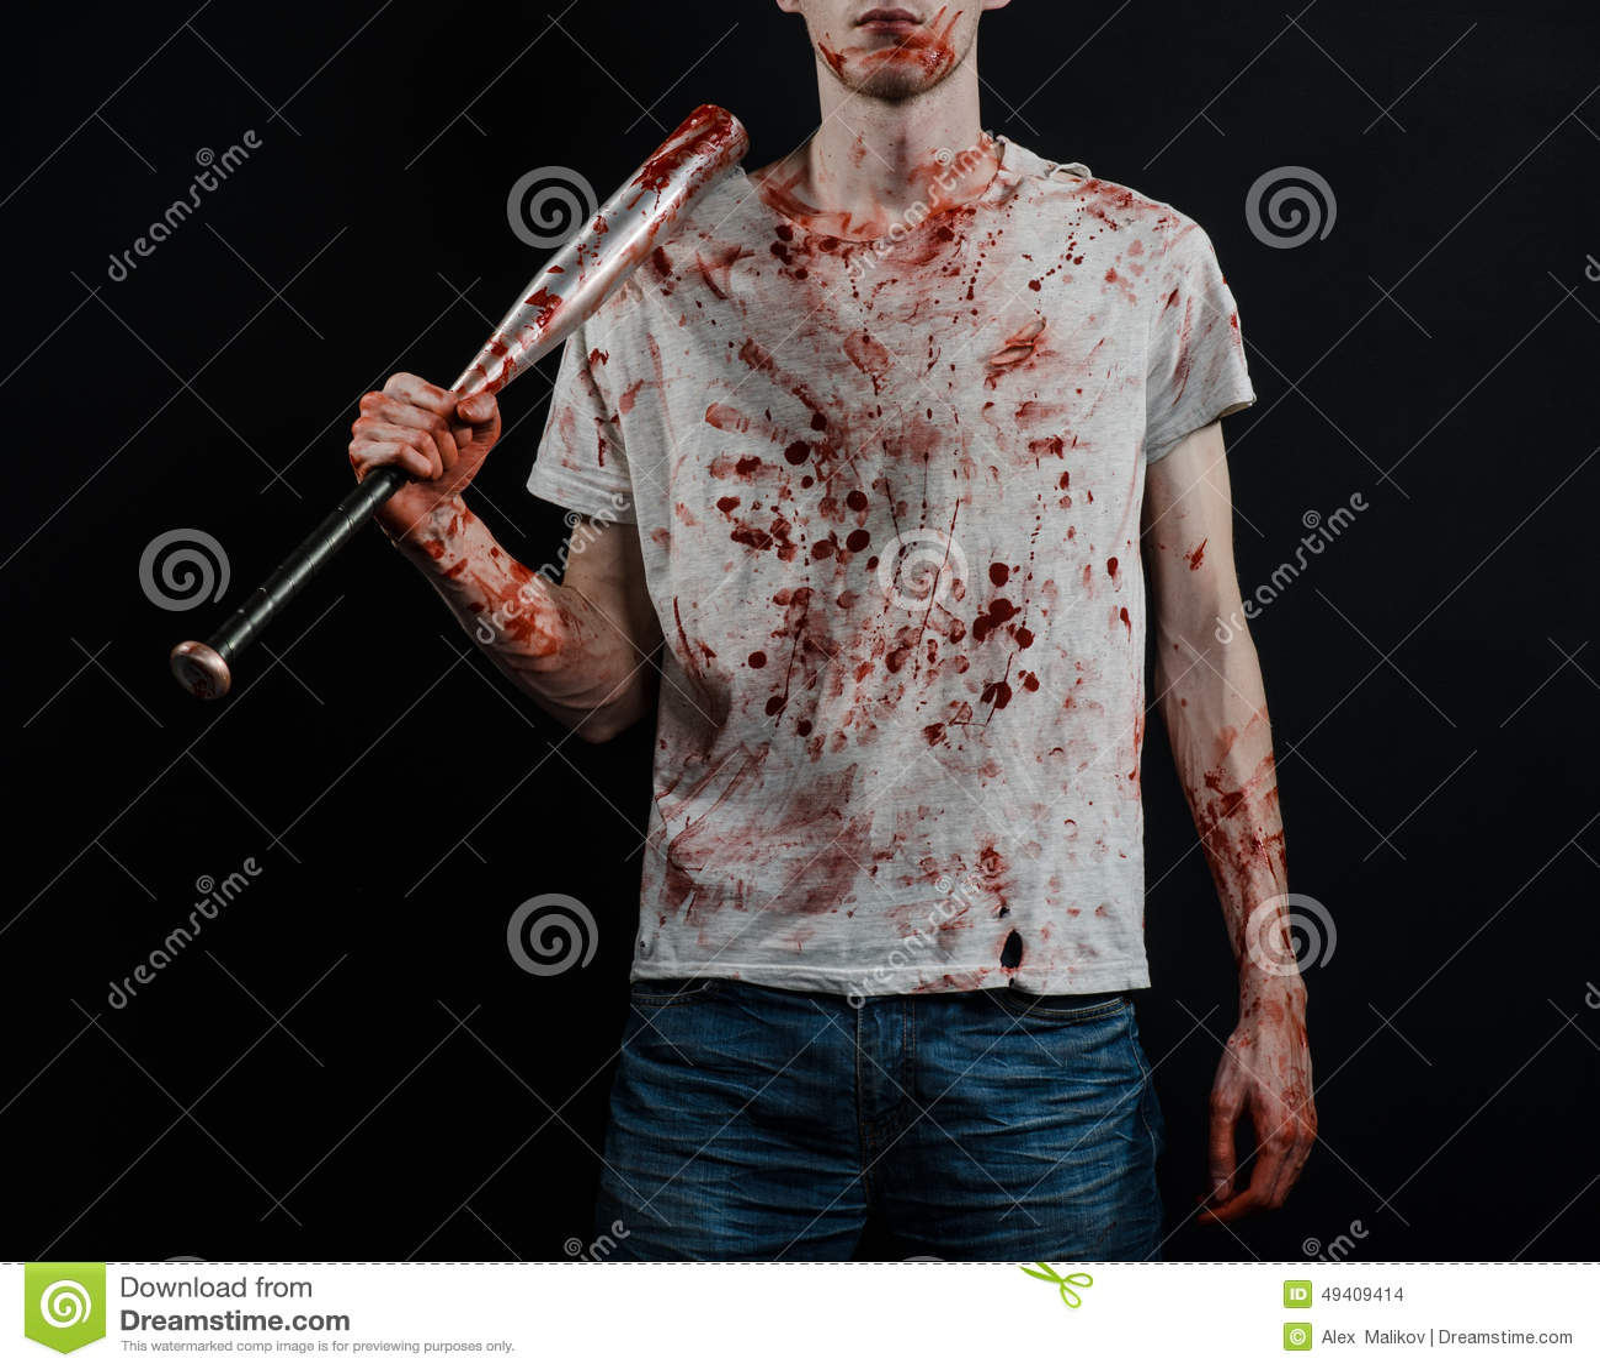 Download Blutiges Thema: Der Kerl In Einem Blutigen T-Shirt, Das Einen Blutigen Schläger Auf Einem Schwarzen Hintergrund Hält Stockfoto - Bild von schlacht, kaukasisch: 49409414